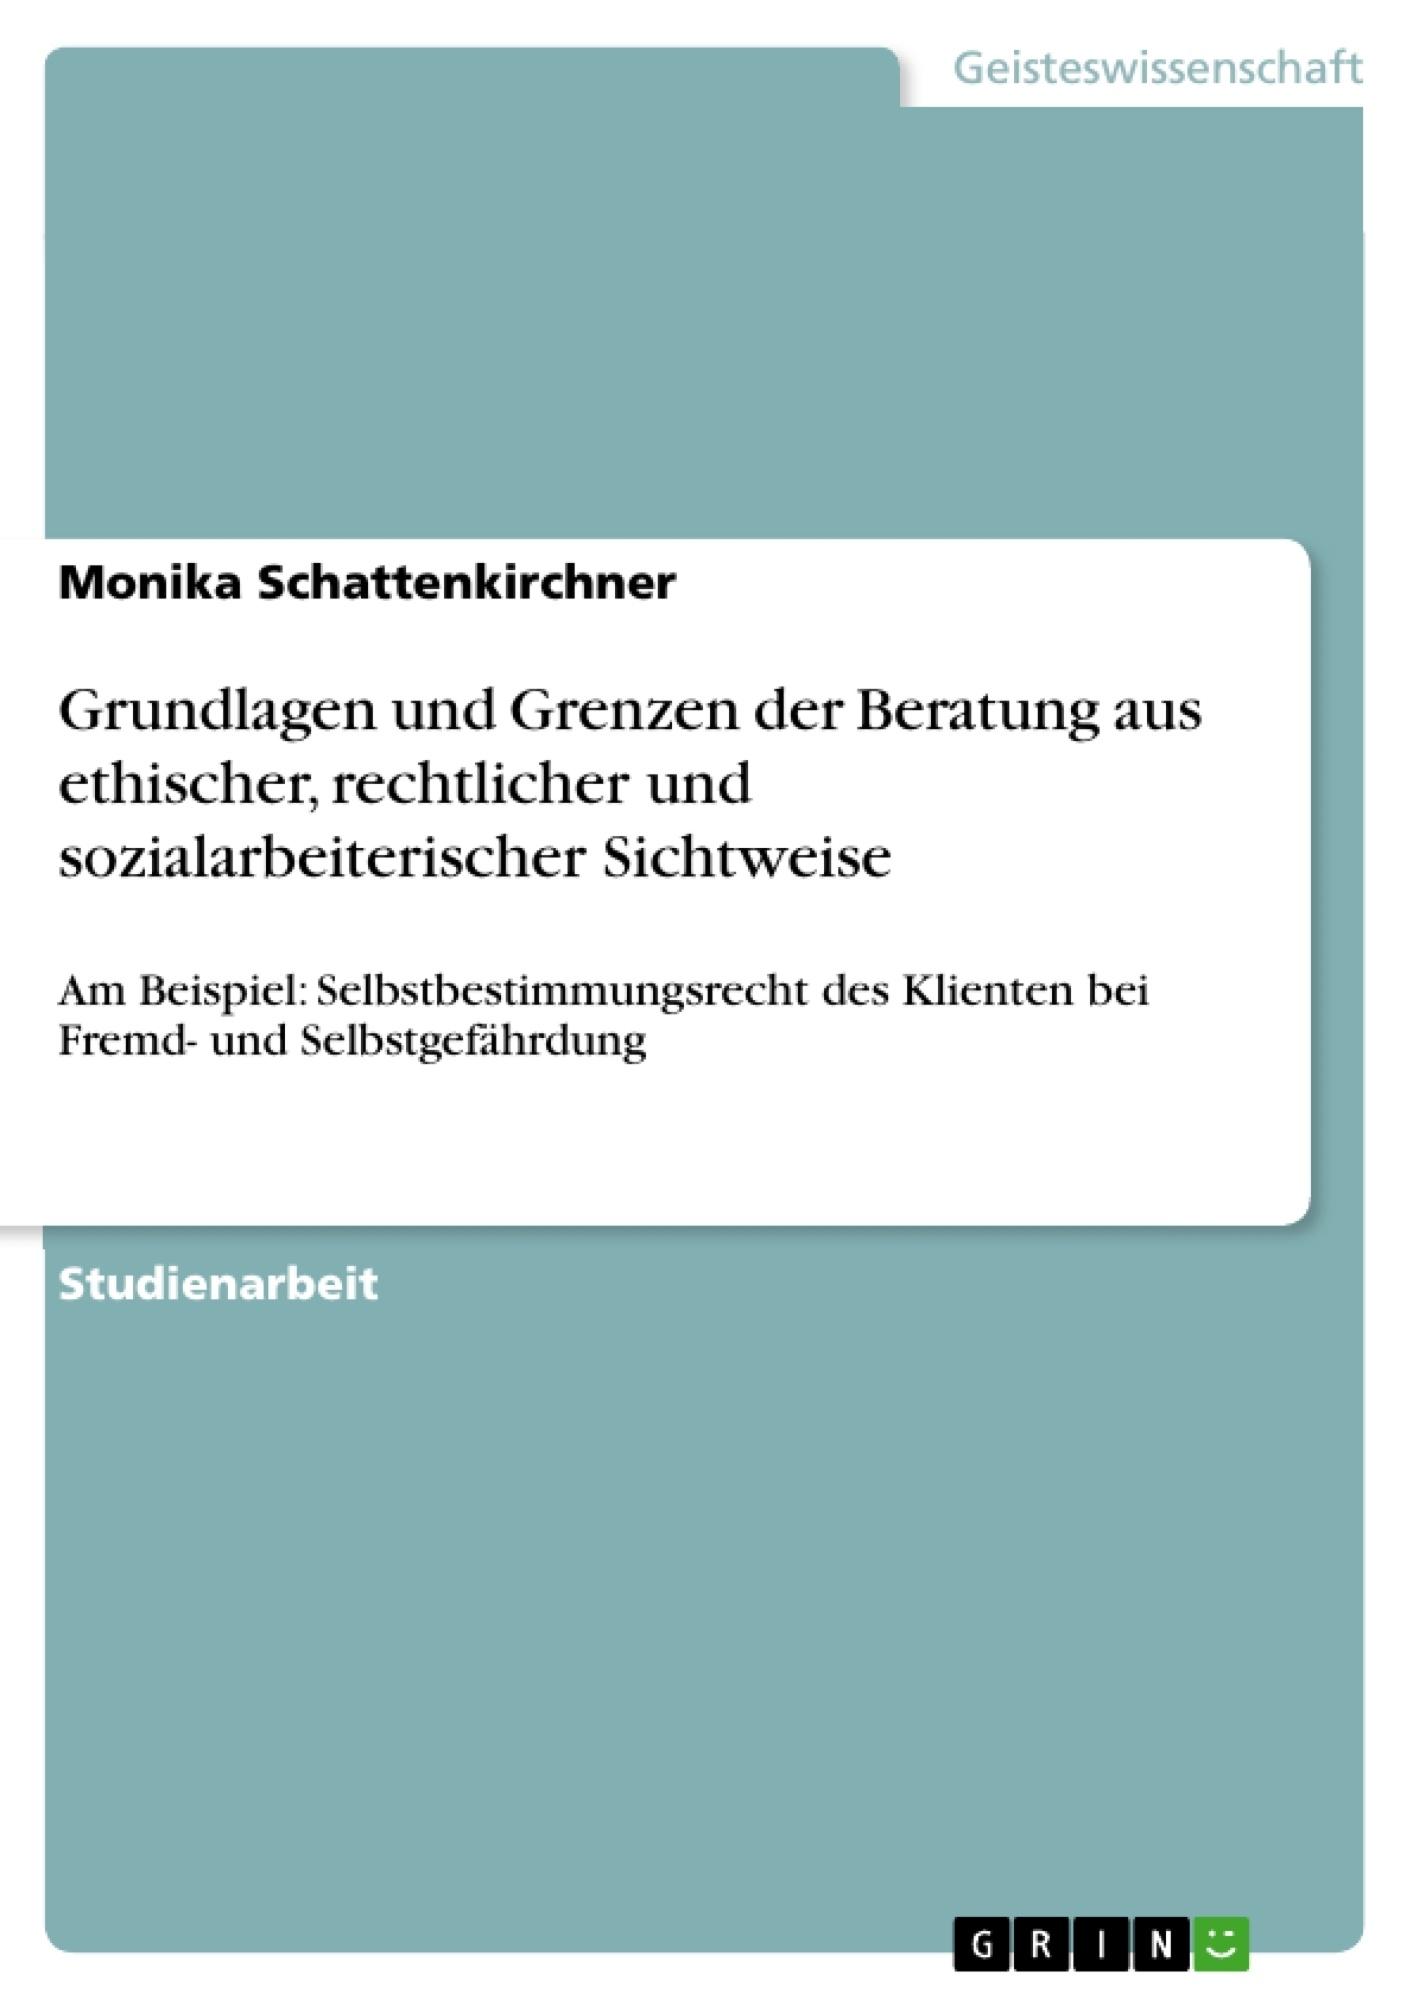 Titel: Grundlagen und Grenzen der Beratung aus ethischer, rechtlicher und sozialarbeiterischer Sichtweise